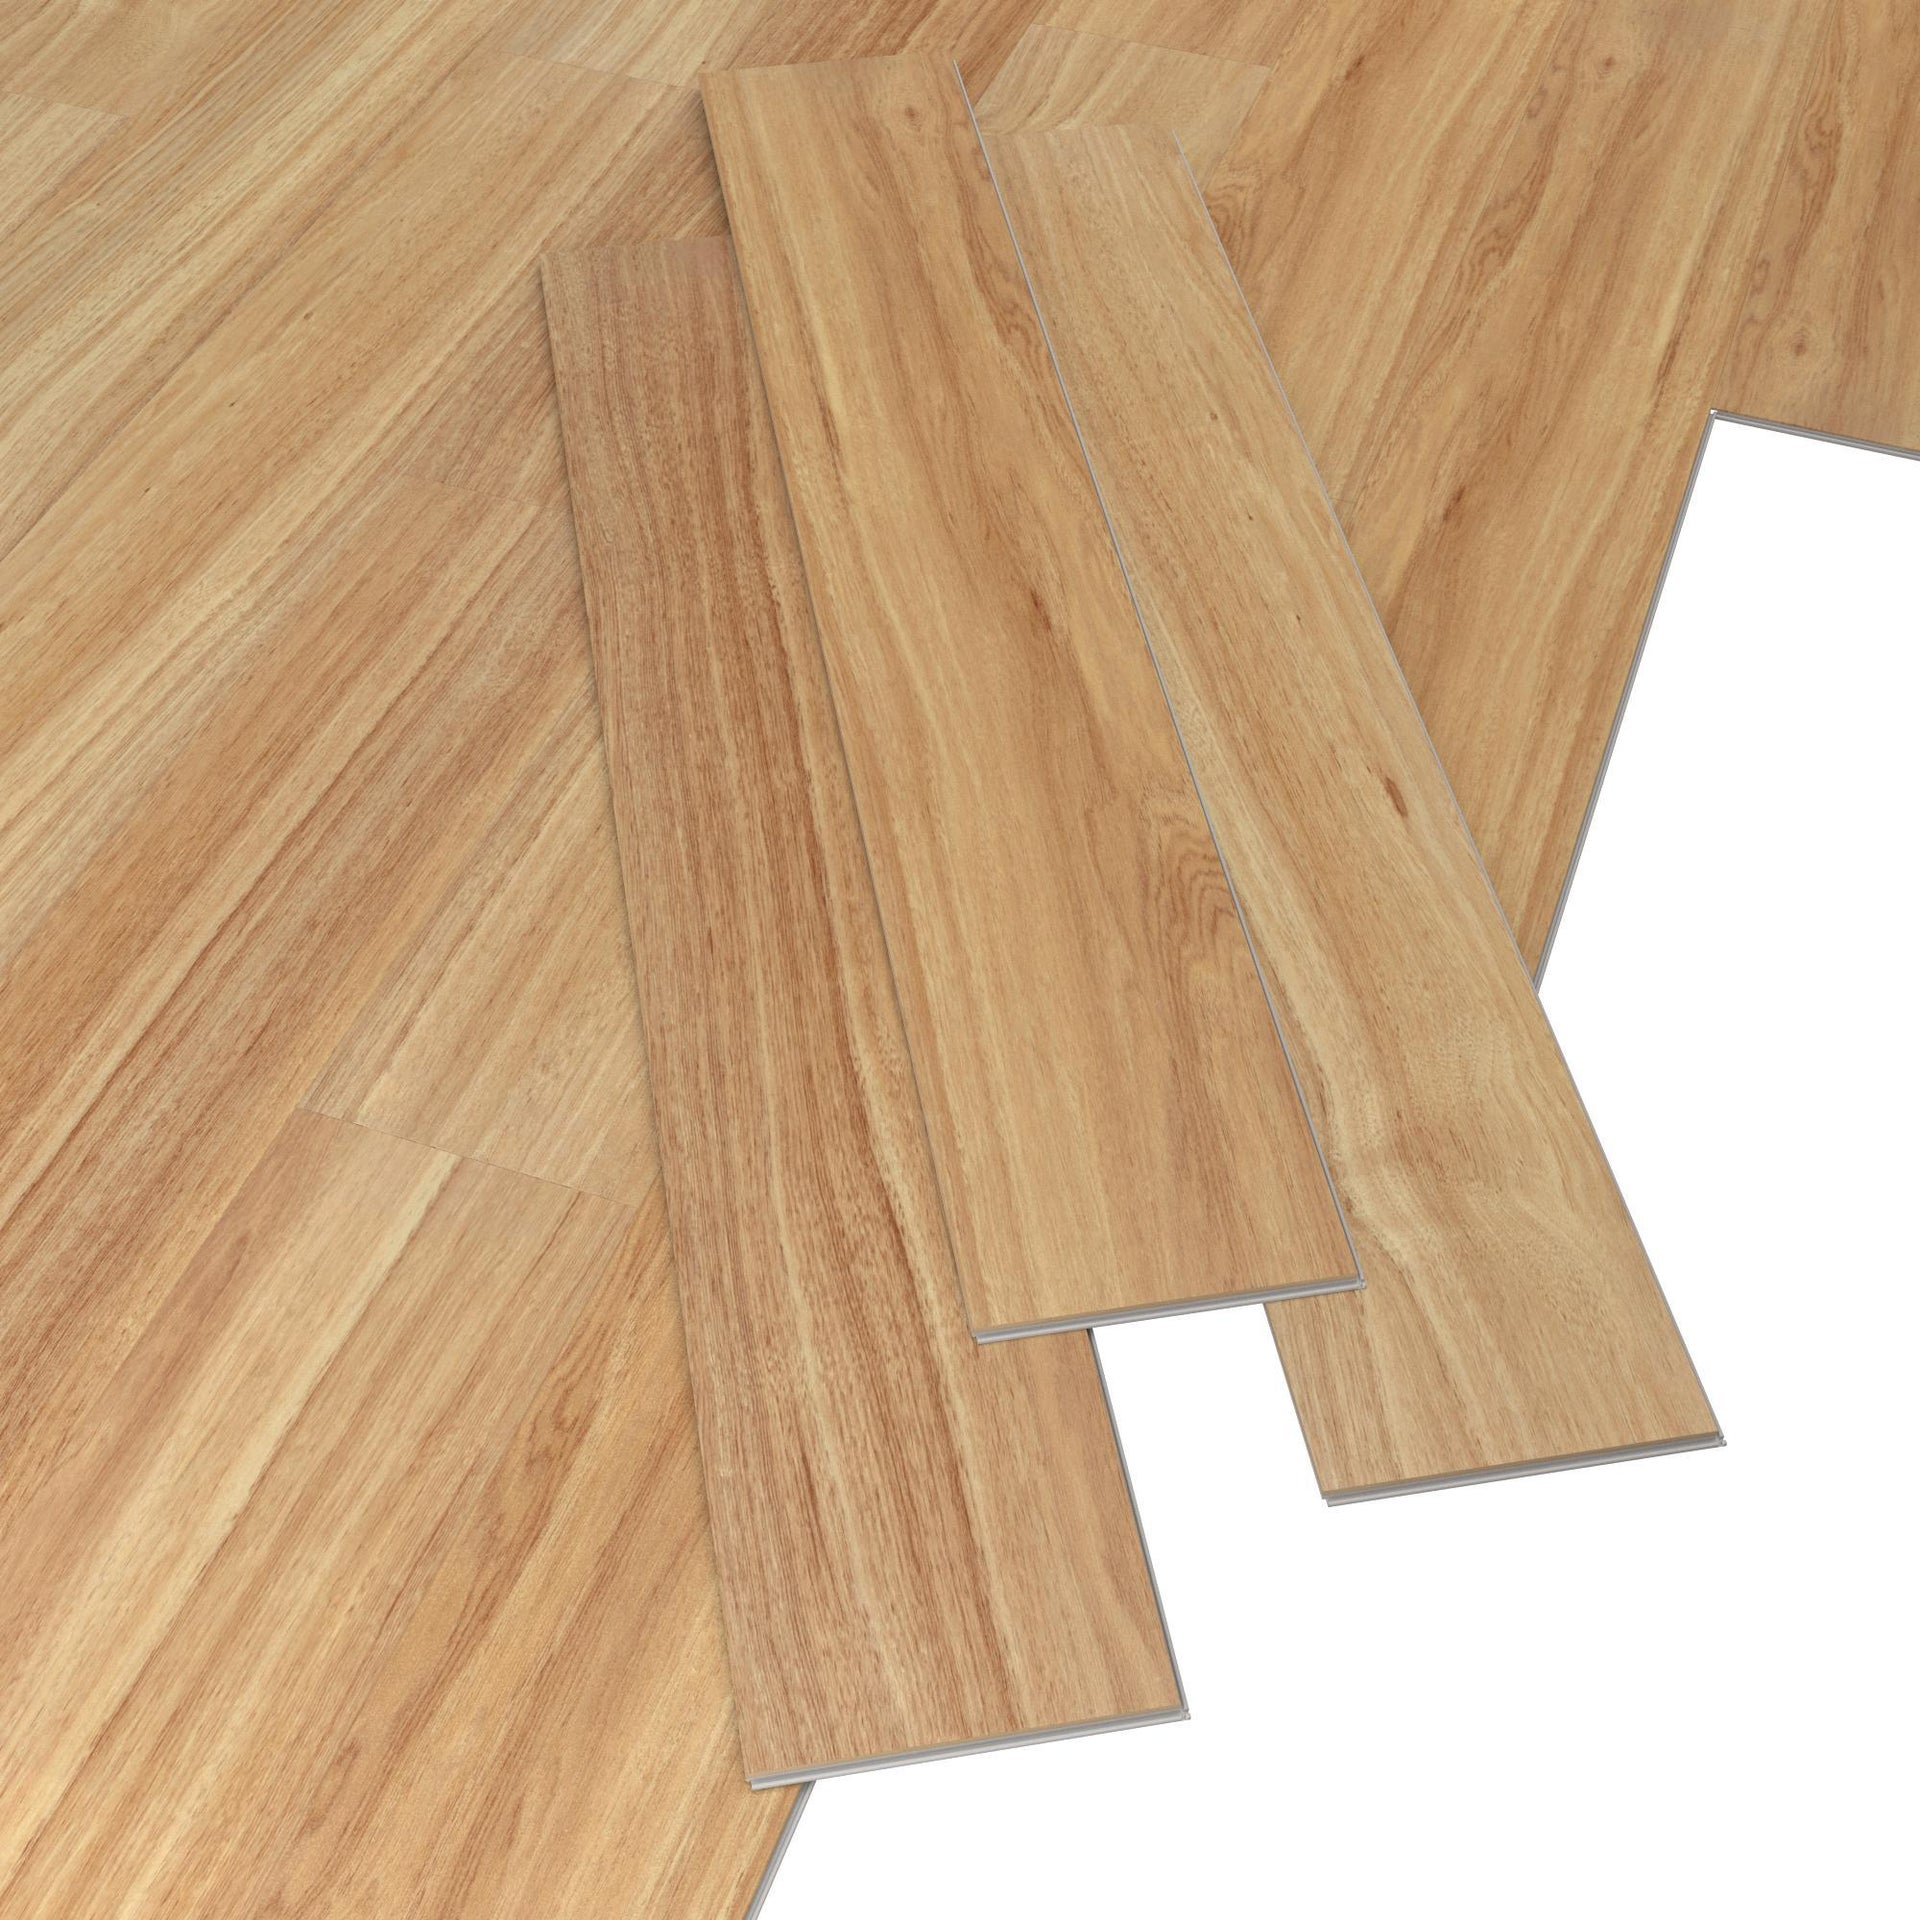 Pavimento PVC flottante clic+ Minto Sp 4 mm marrone - 6